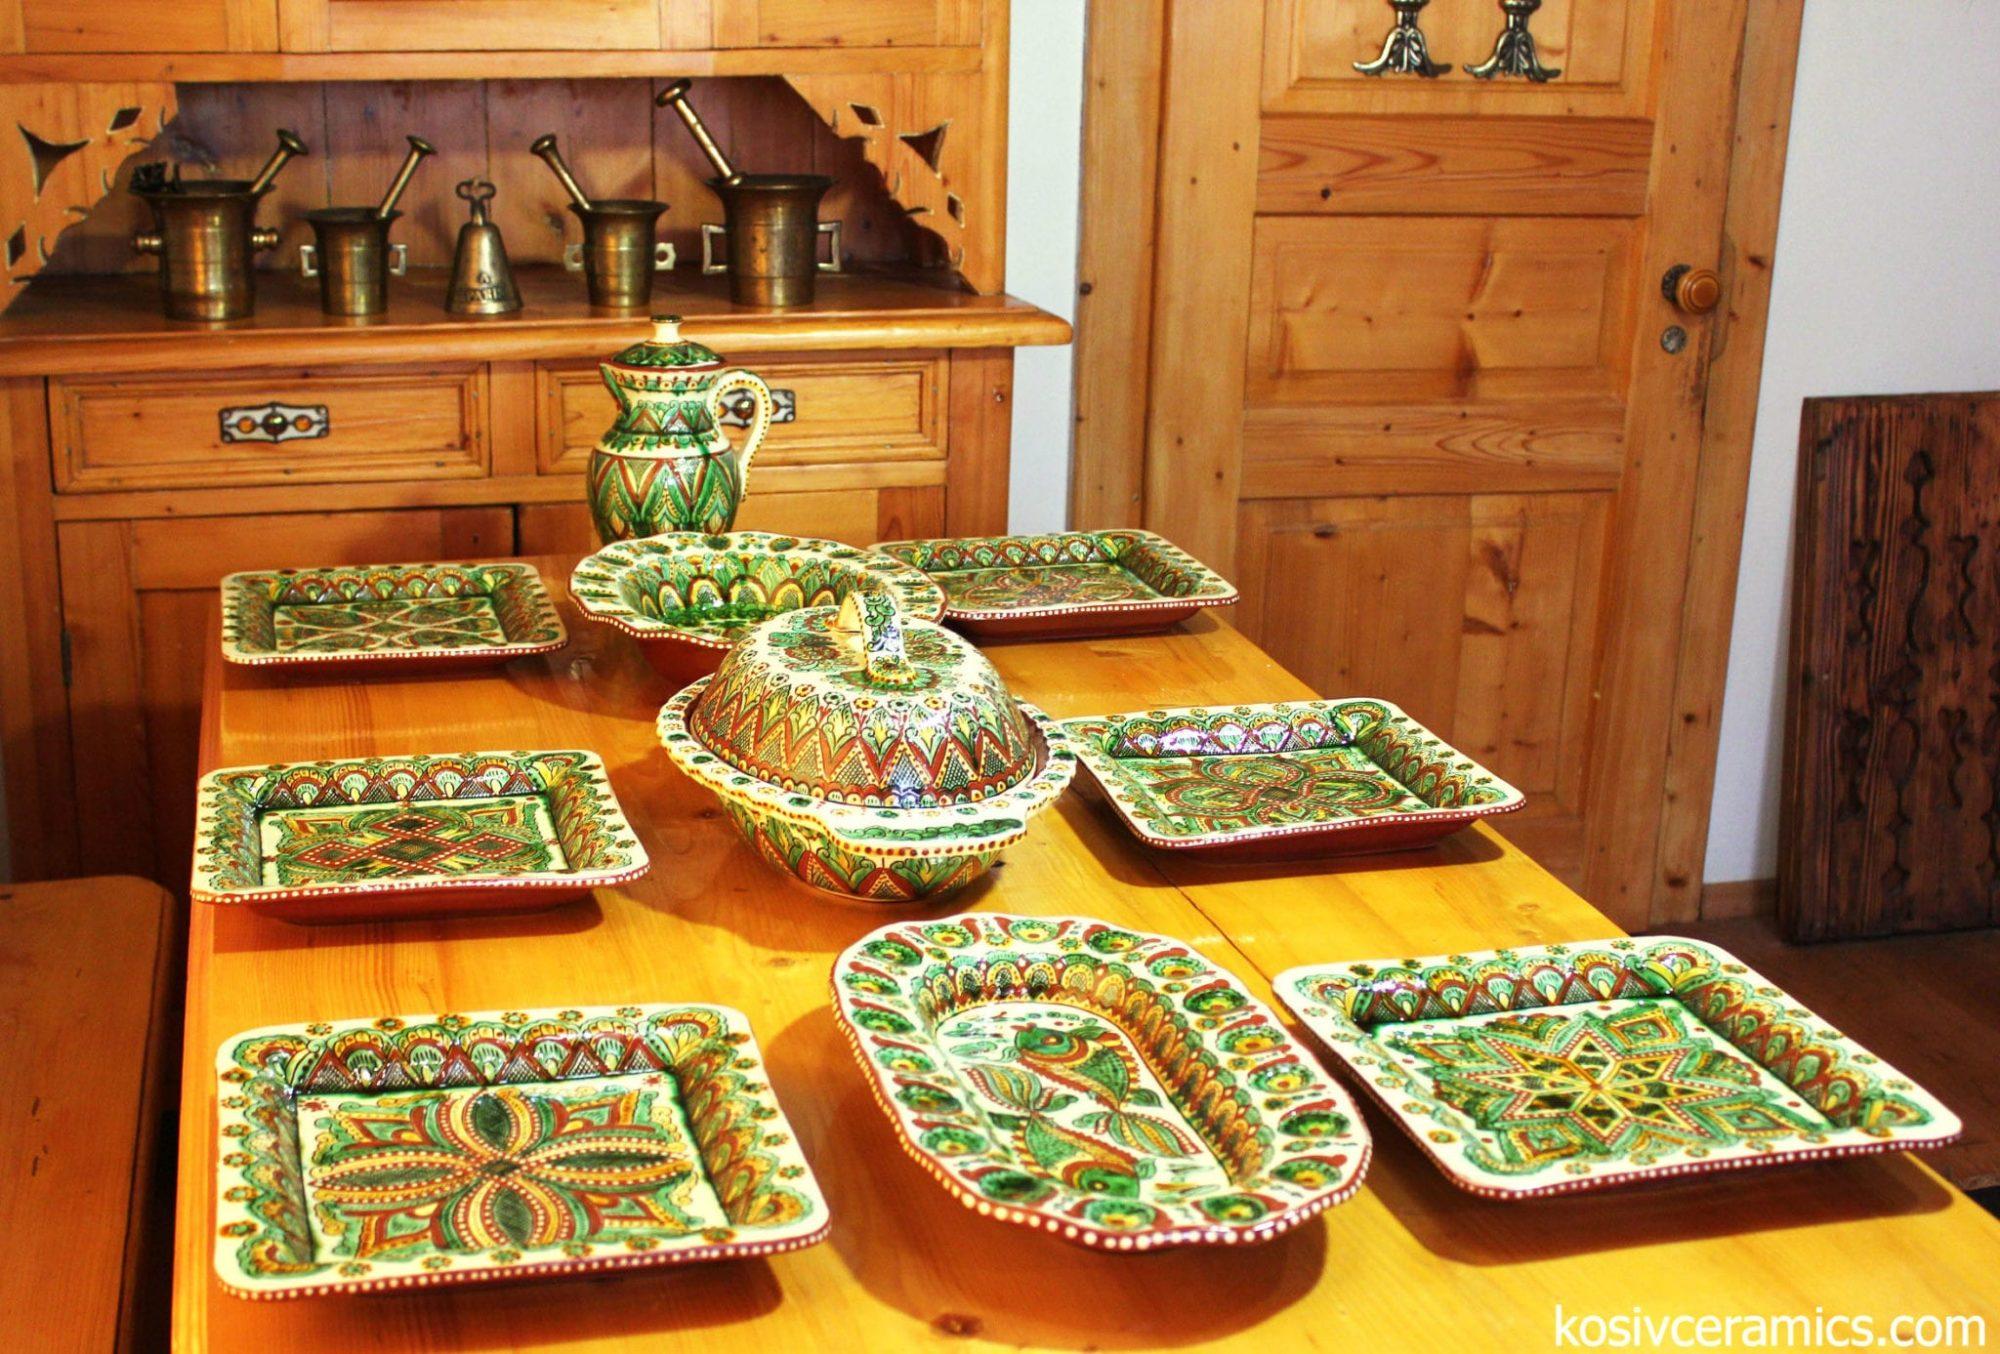 сервіз на 6 персон, кераміка, ручна робота, кераміка ручної роботи, троць, косівська кераміка, гуцульська кераміка, кераміка троць, kosiv ceramics, sgraffito, ceramics